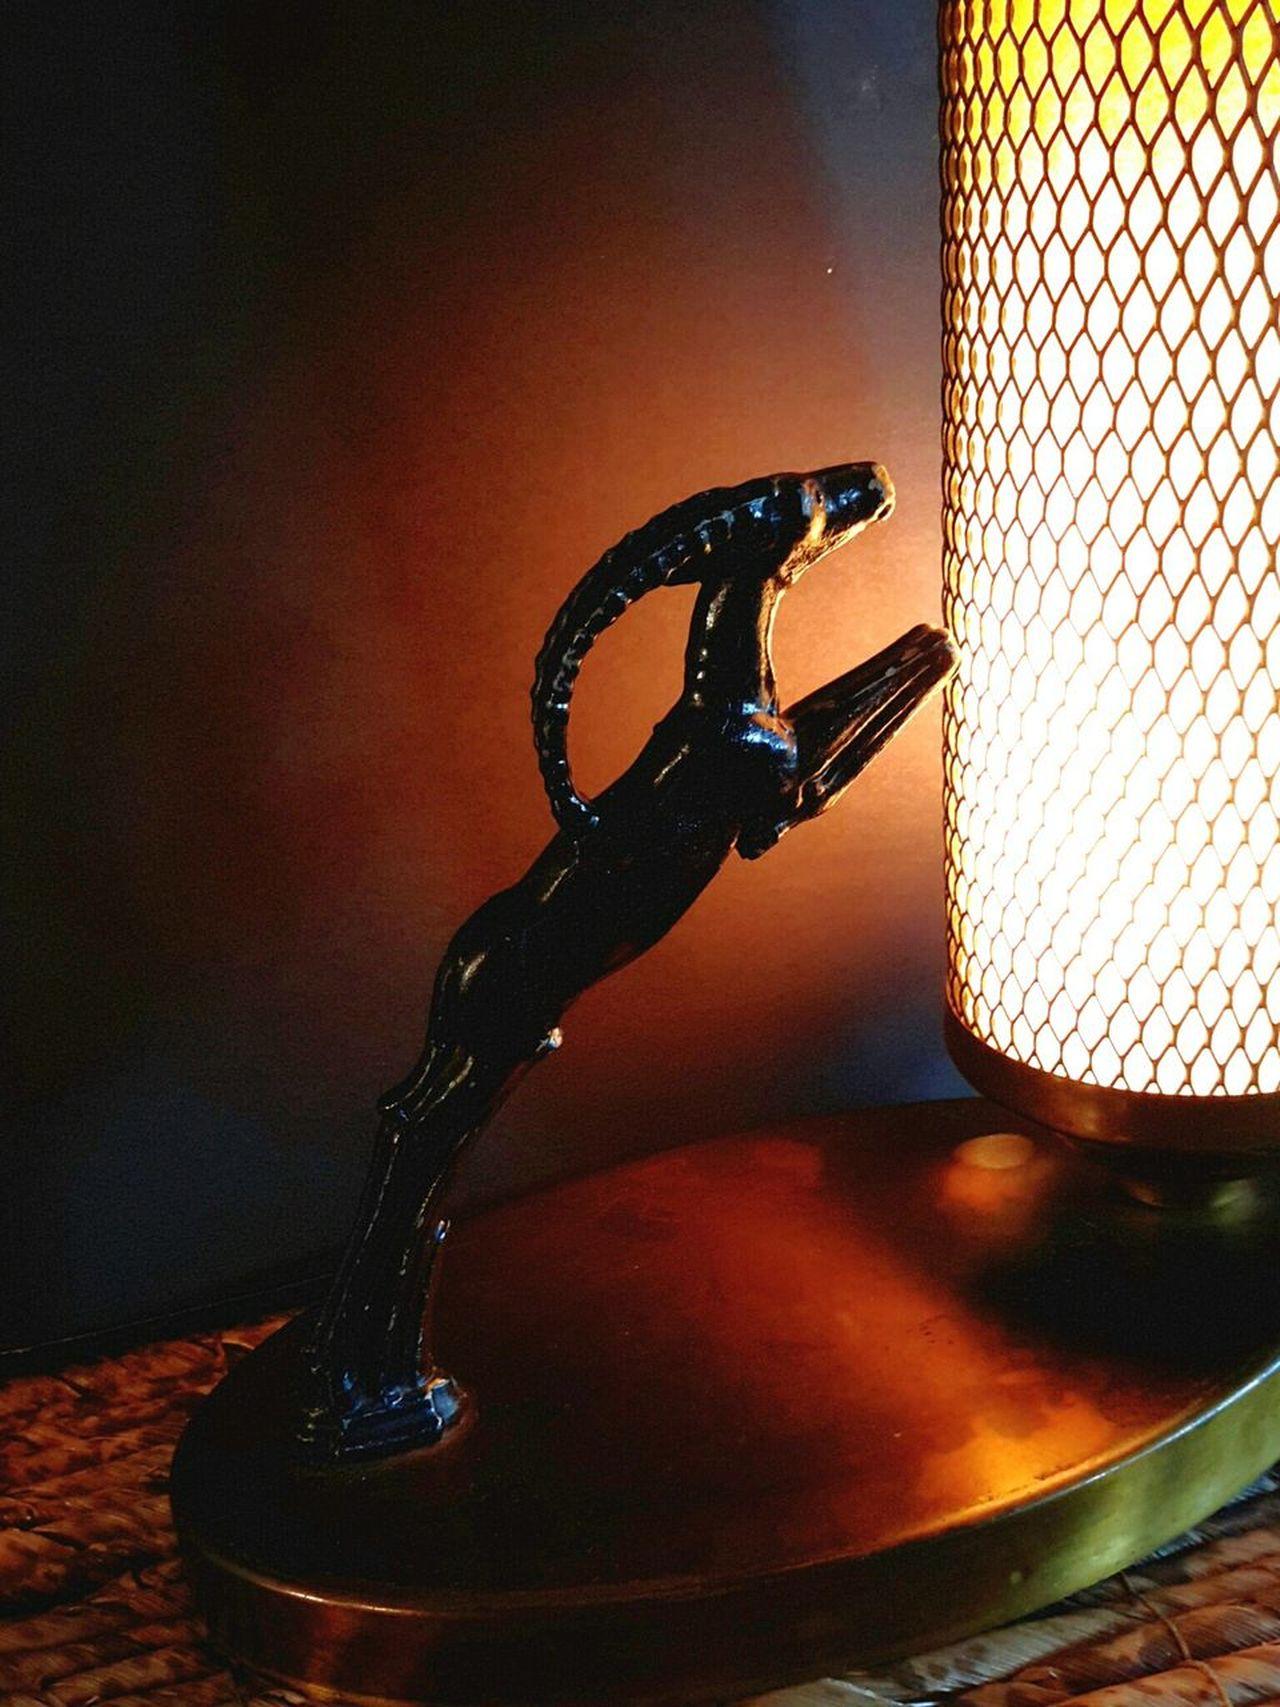 Art Deco gazelle lamp circa 1920s Super Retro Antiques Vintage Light Up Your Life Artdeco Retro Style Antique Lamps Gazelle Animal Representation Animal Figure Lieblingsteil